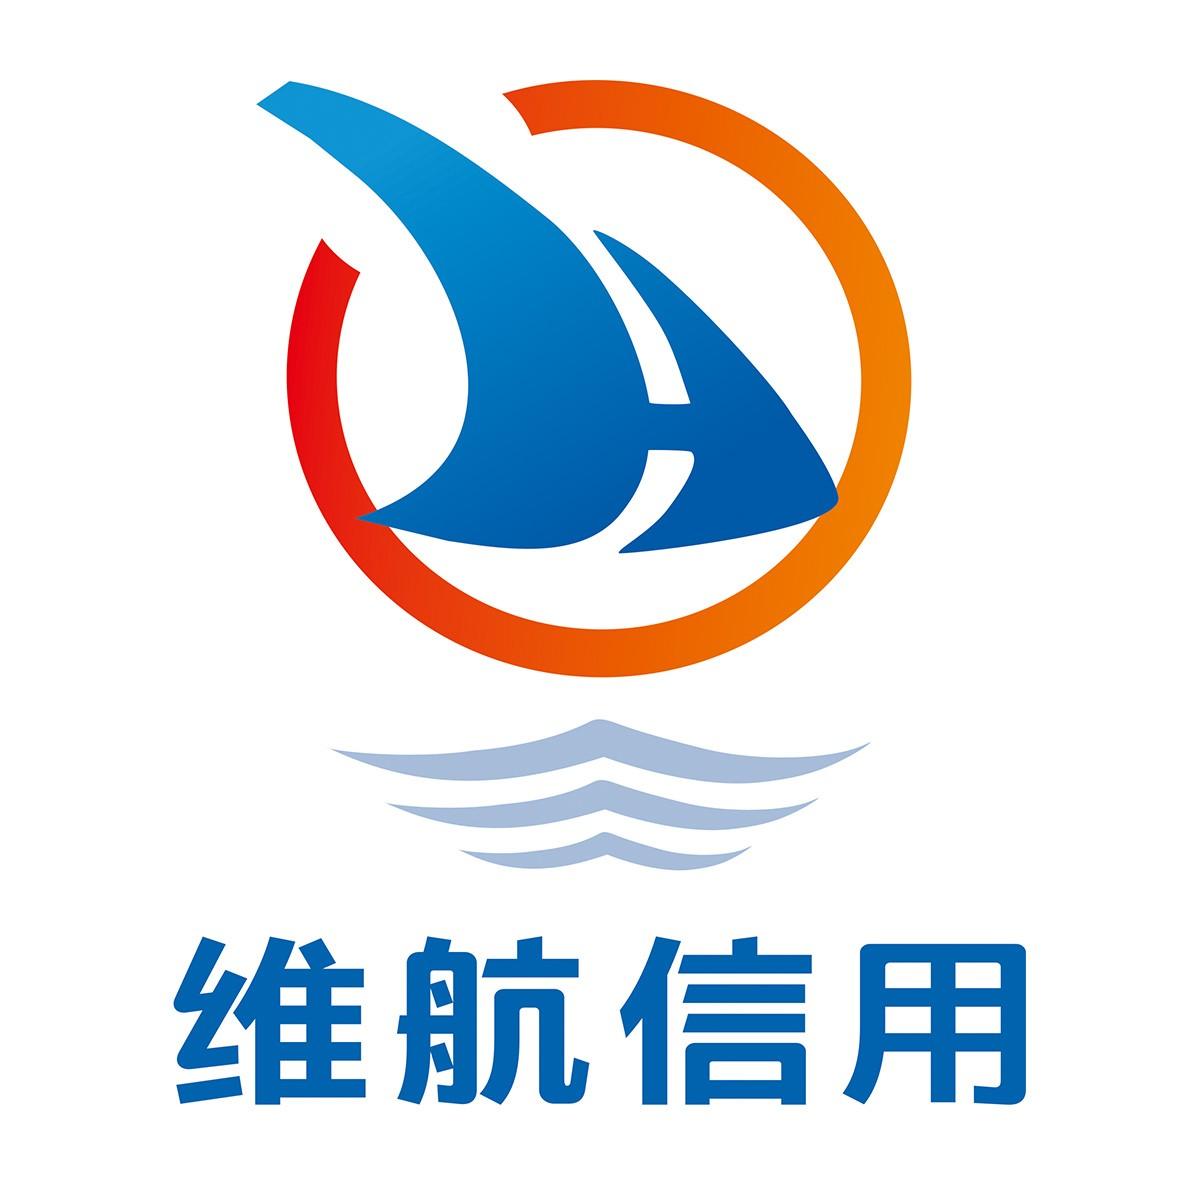 安徽维航企业信用服务有限公司